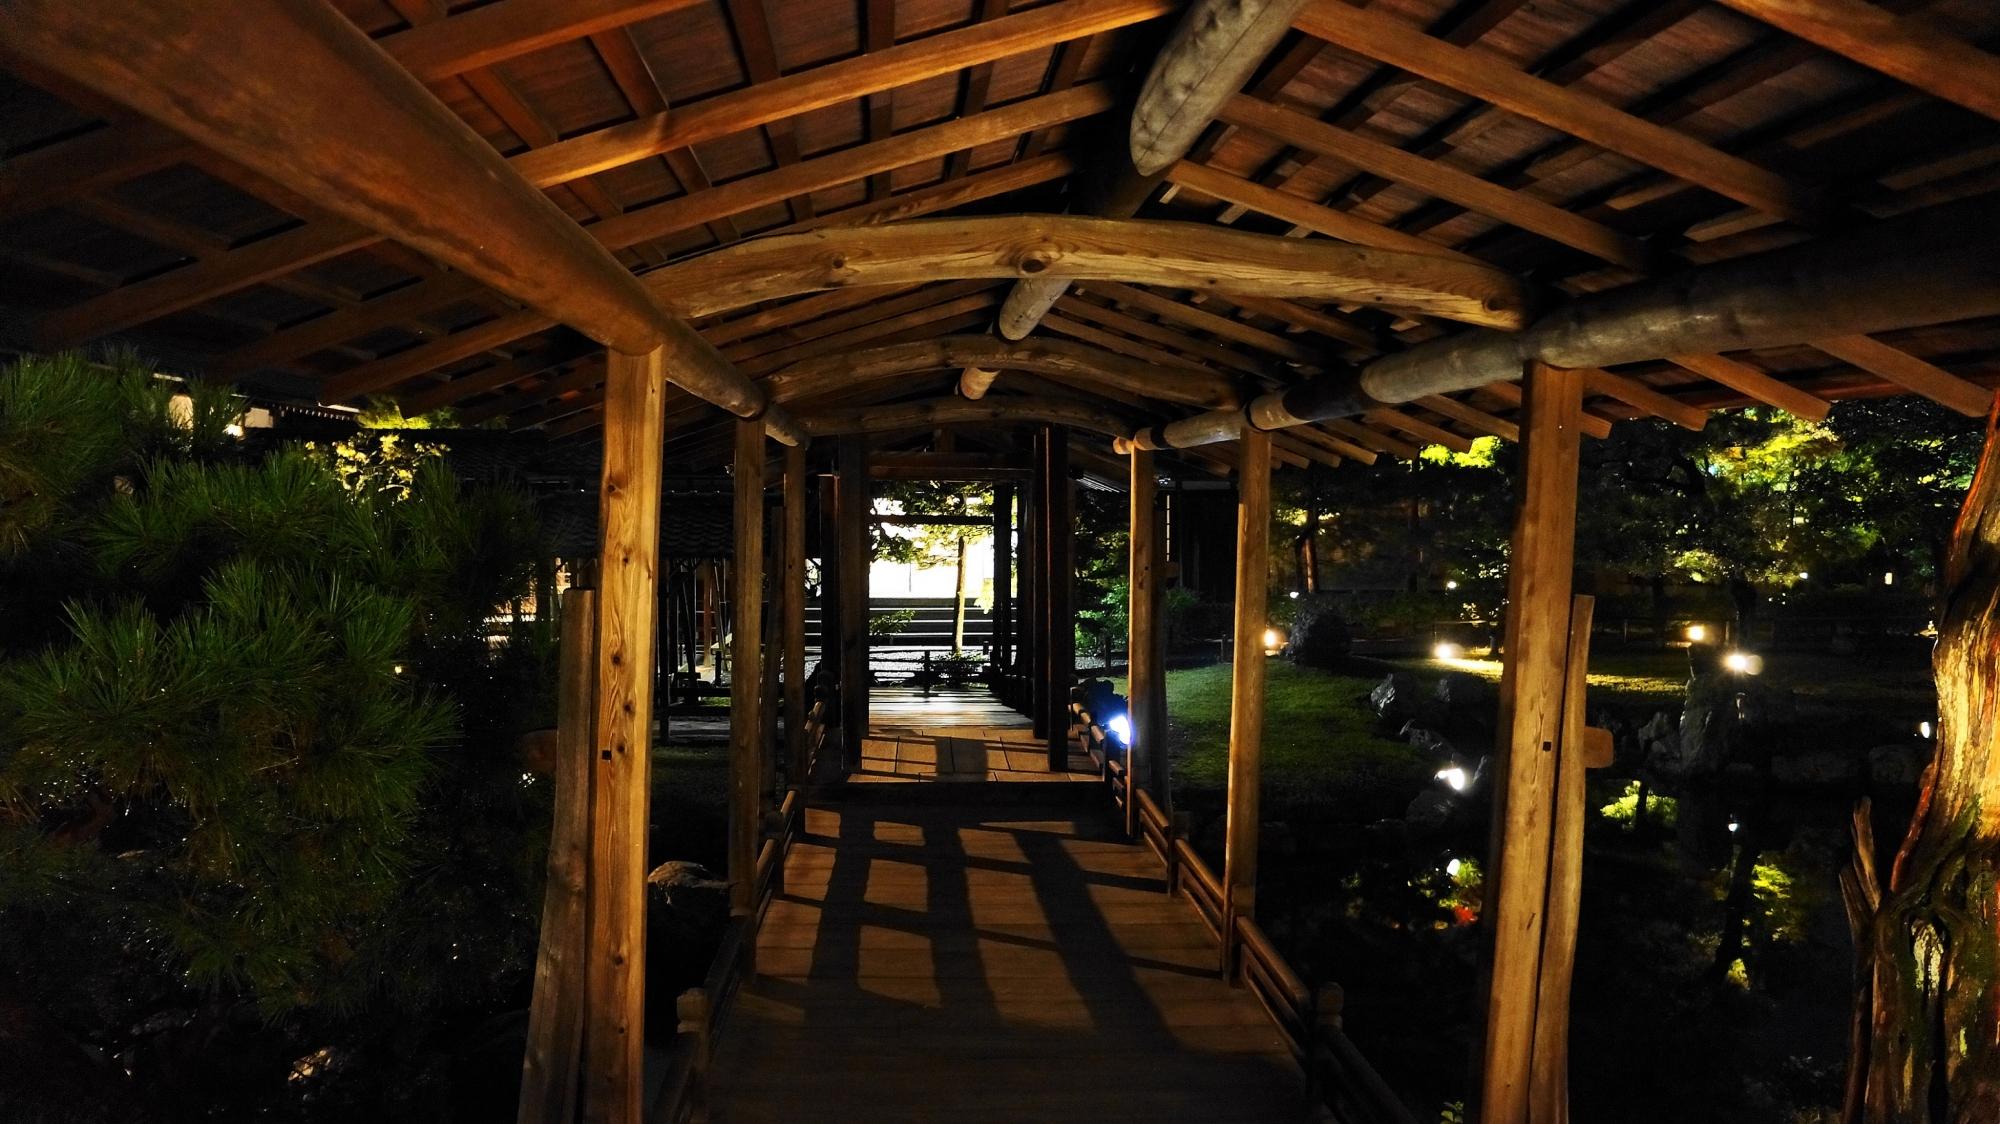 観月台 ライトアップ 高台寺 秋